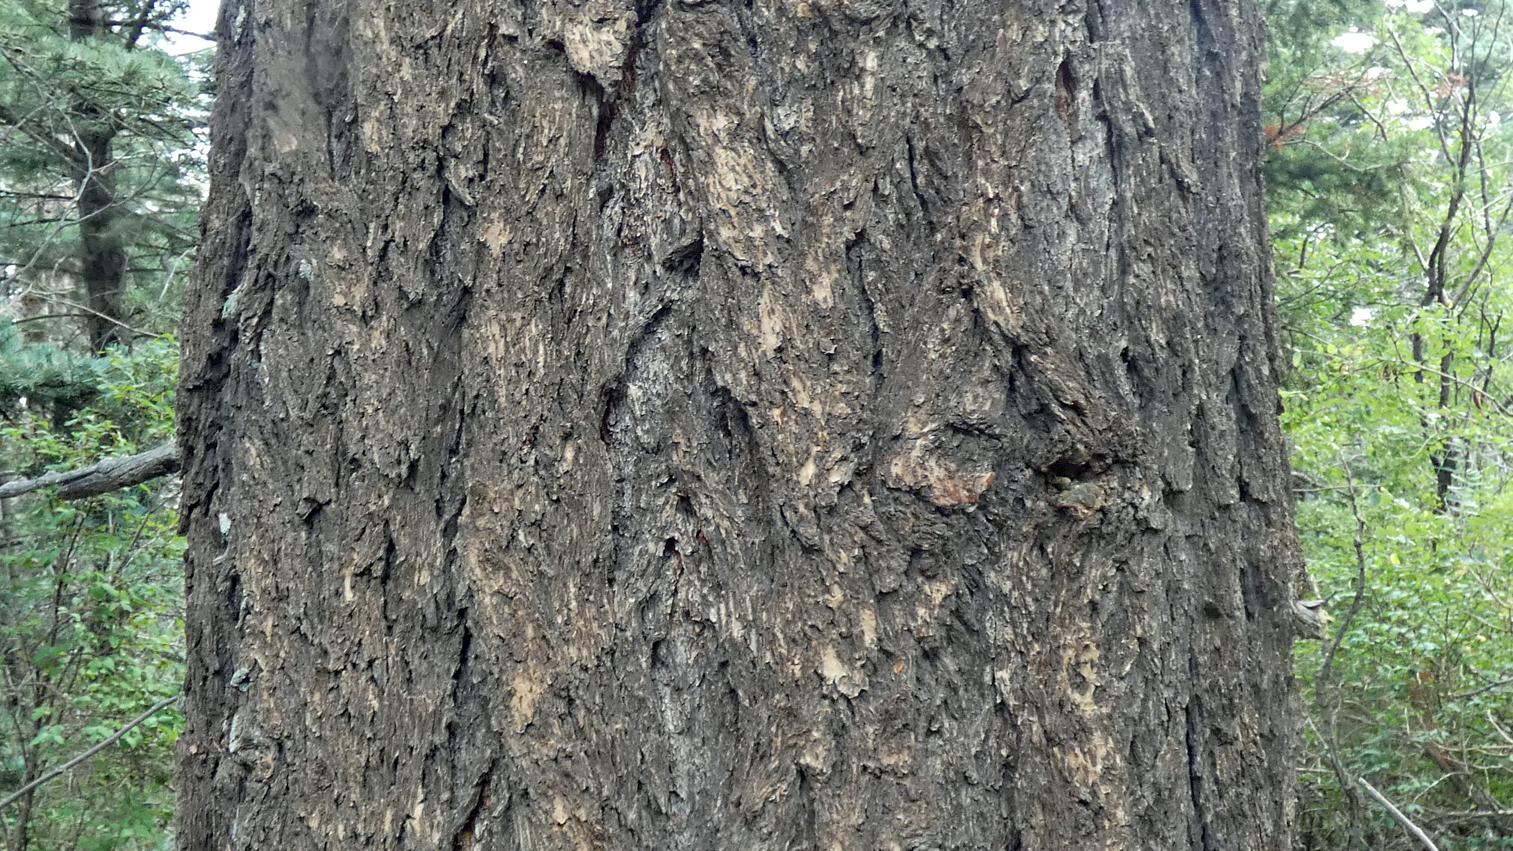 Bark on older tree